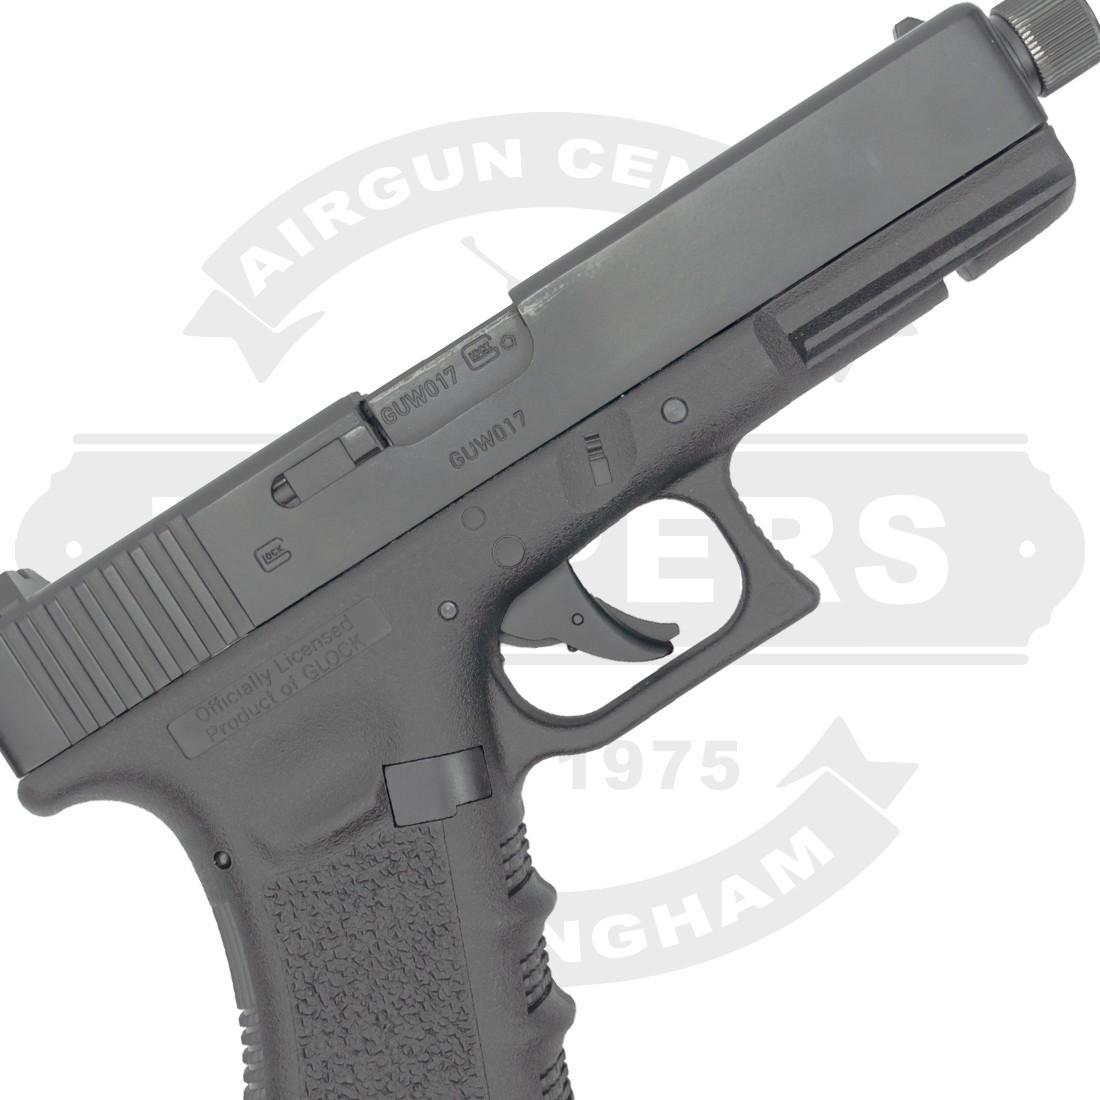 Umarex Glock 17 Threaded 4 5mm BB/ 177 - New Air Guns - Airguns